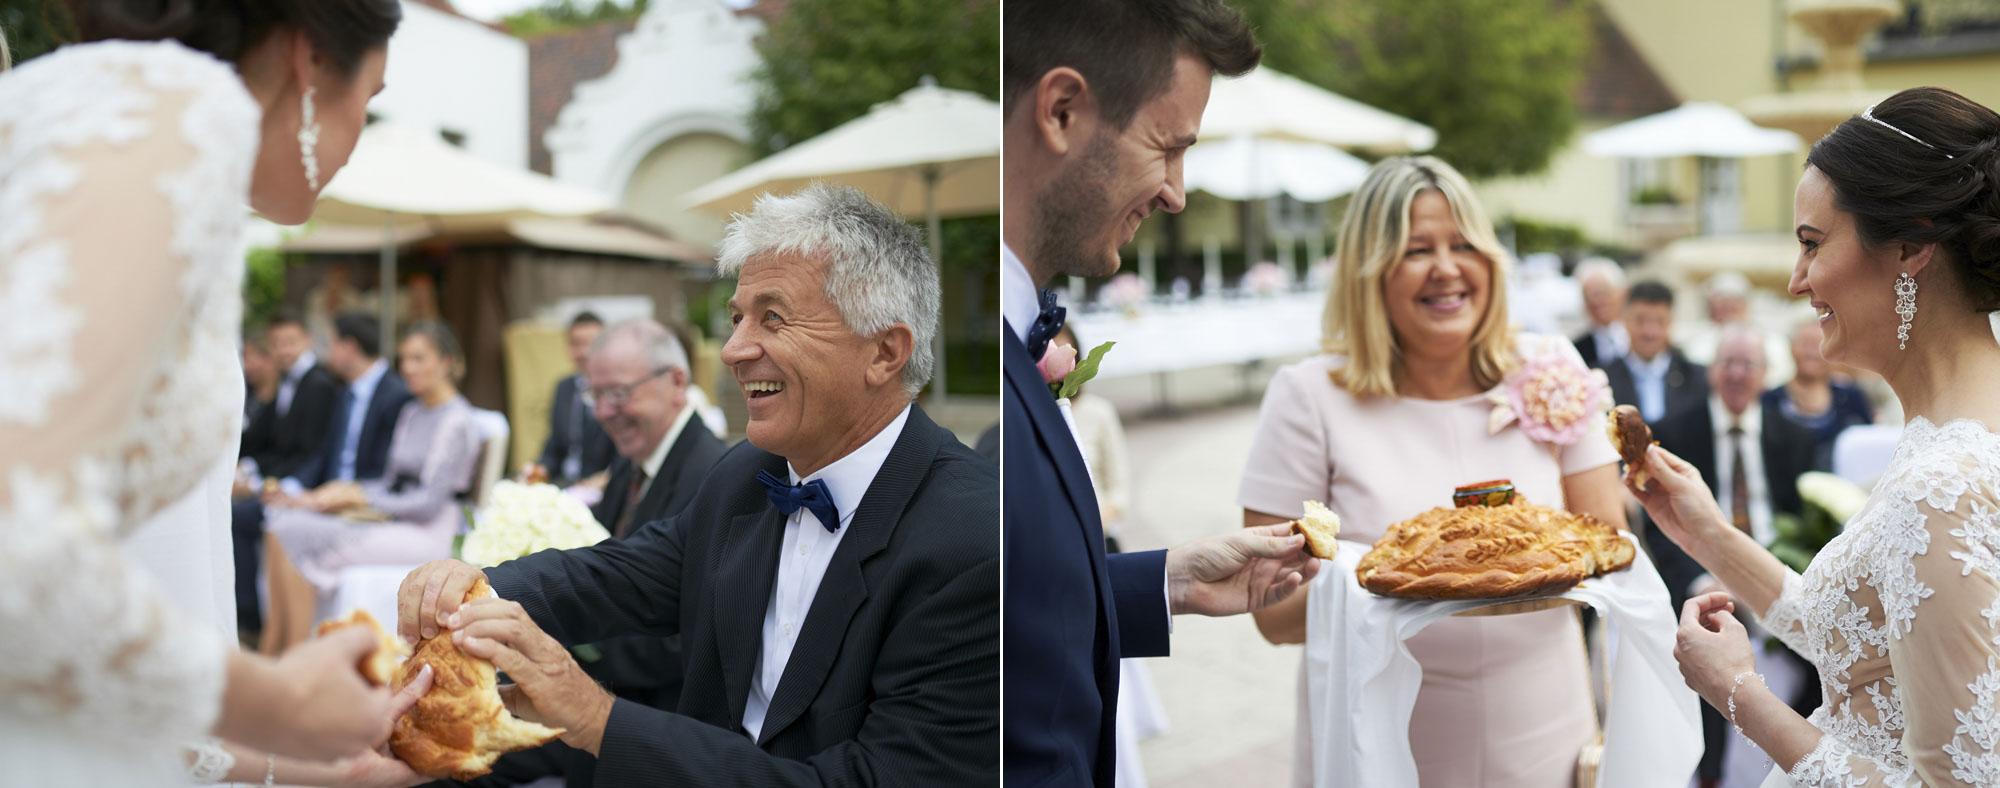 Esküvői szertartás Kristály Hotel Tata